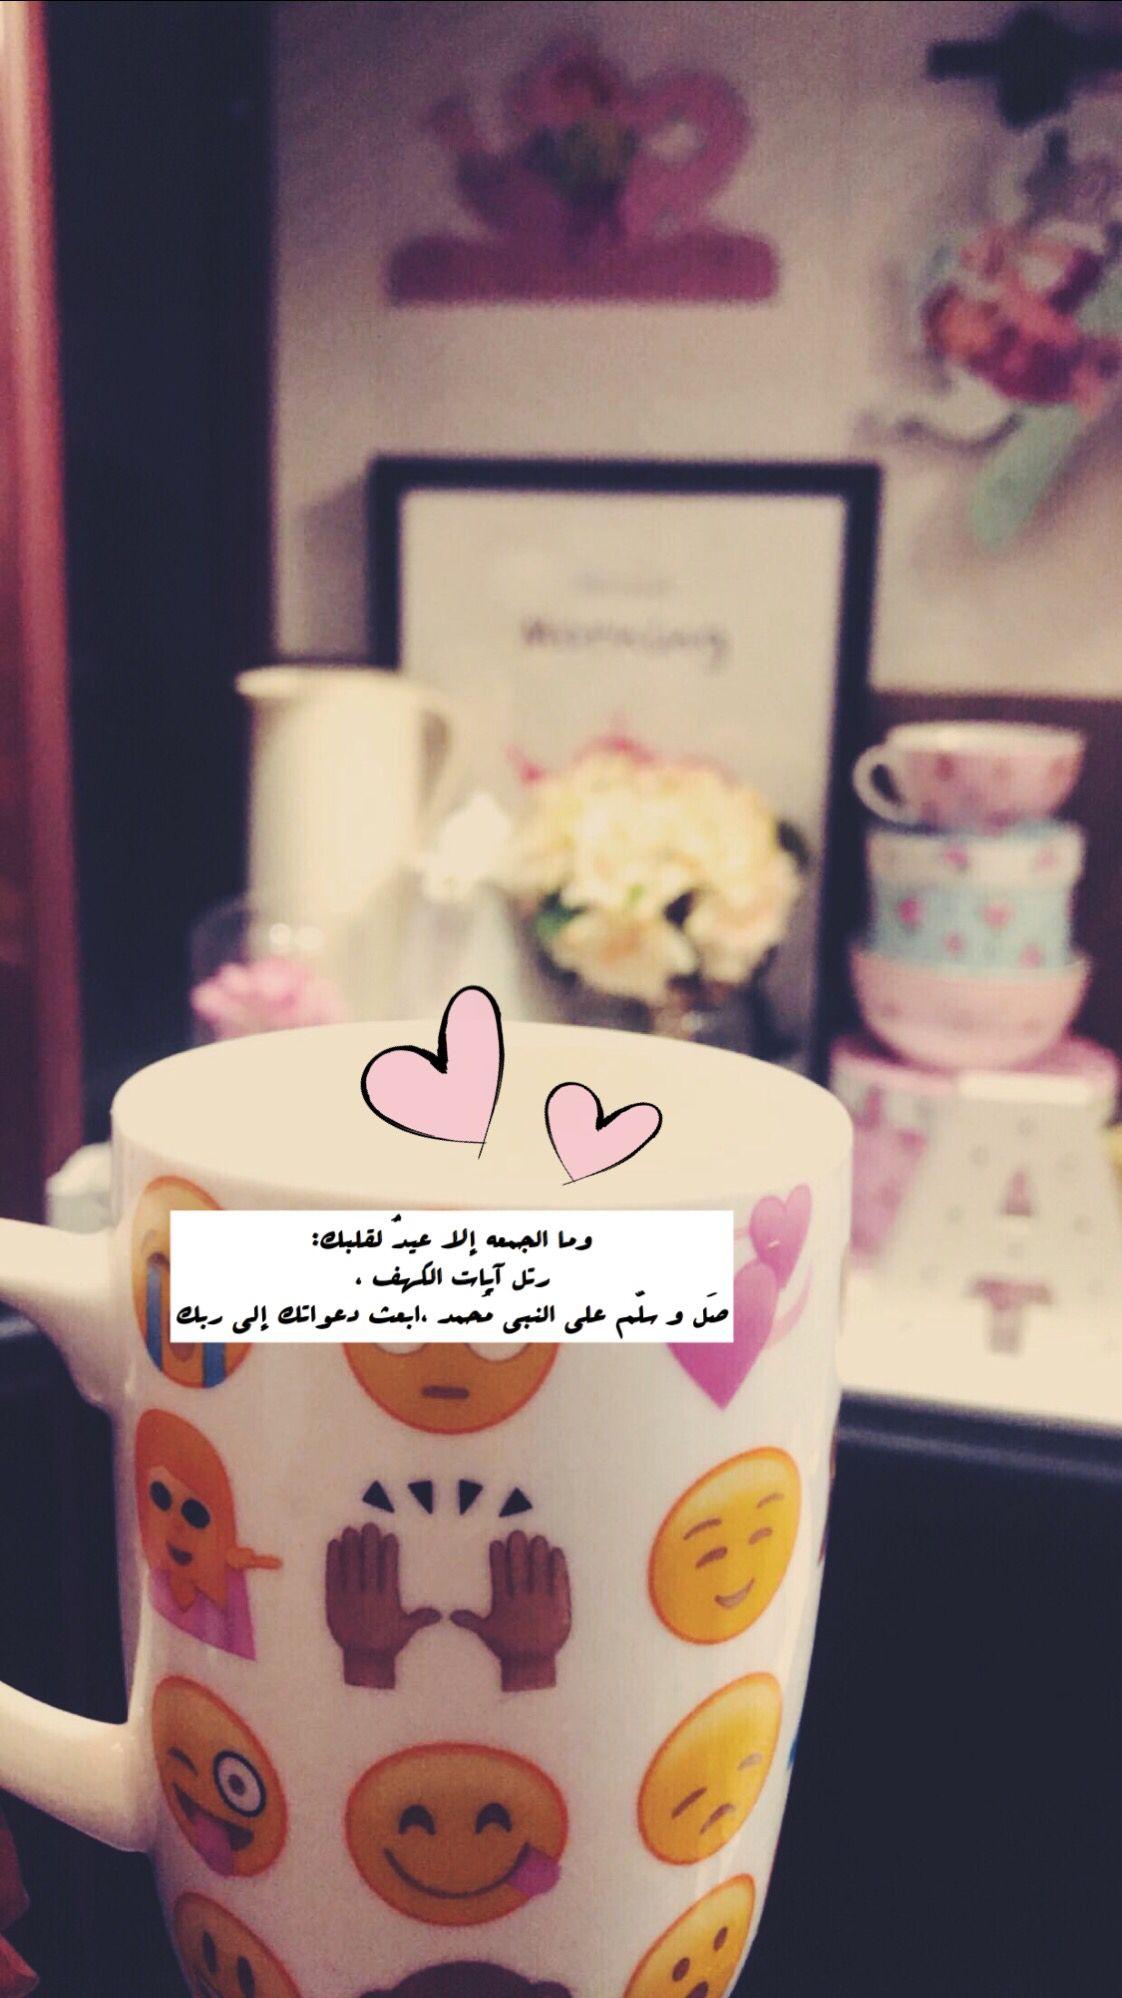 صباح الخير رمزيات تصويري تصميم الجمعه ديكور Photography Goodmorning Decor Arabic Quotes Arabic Love Quotes Sky Aesthetic